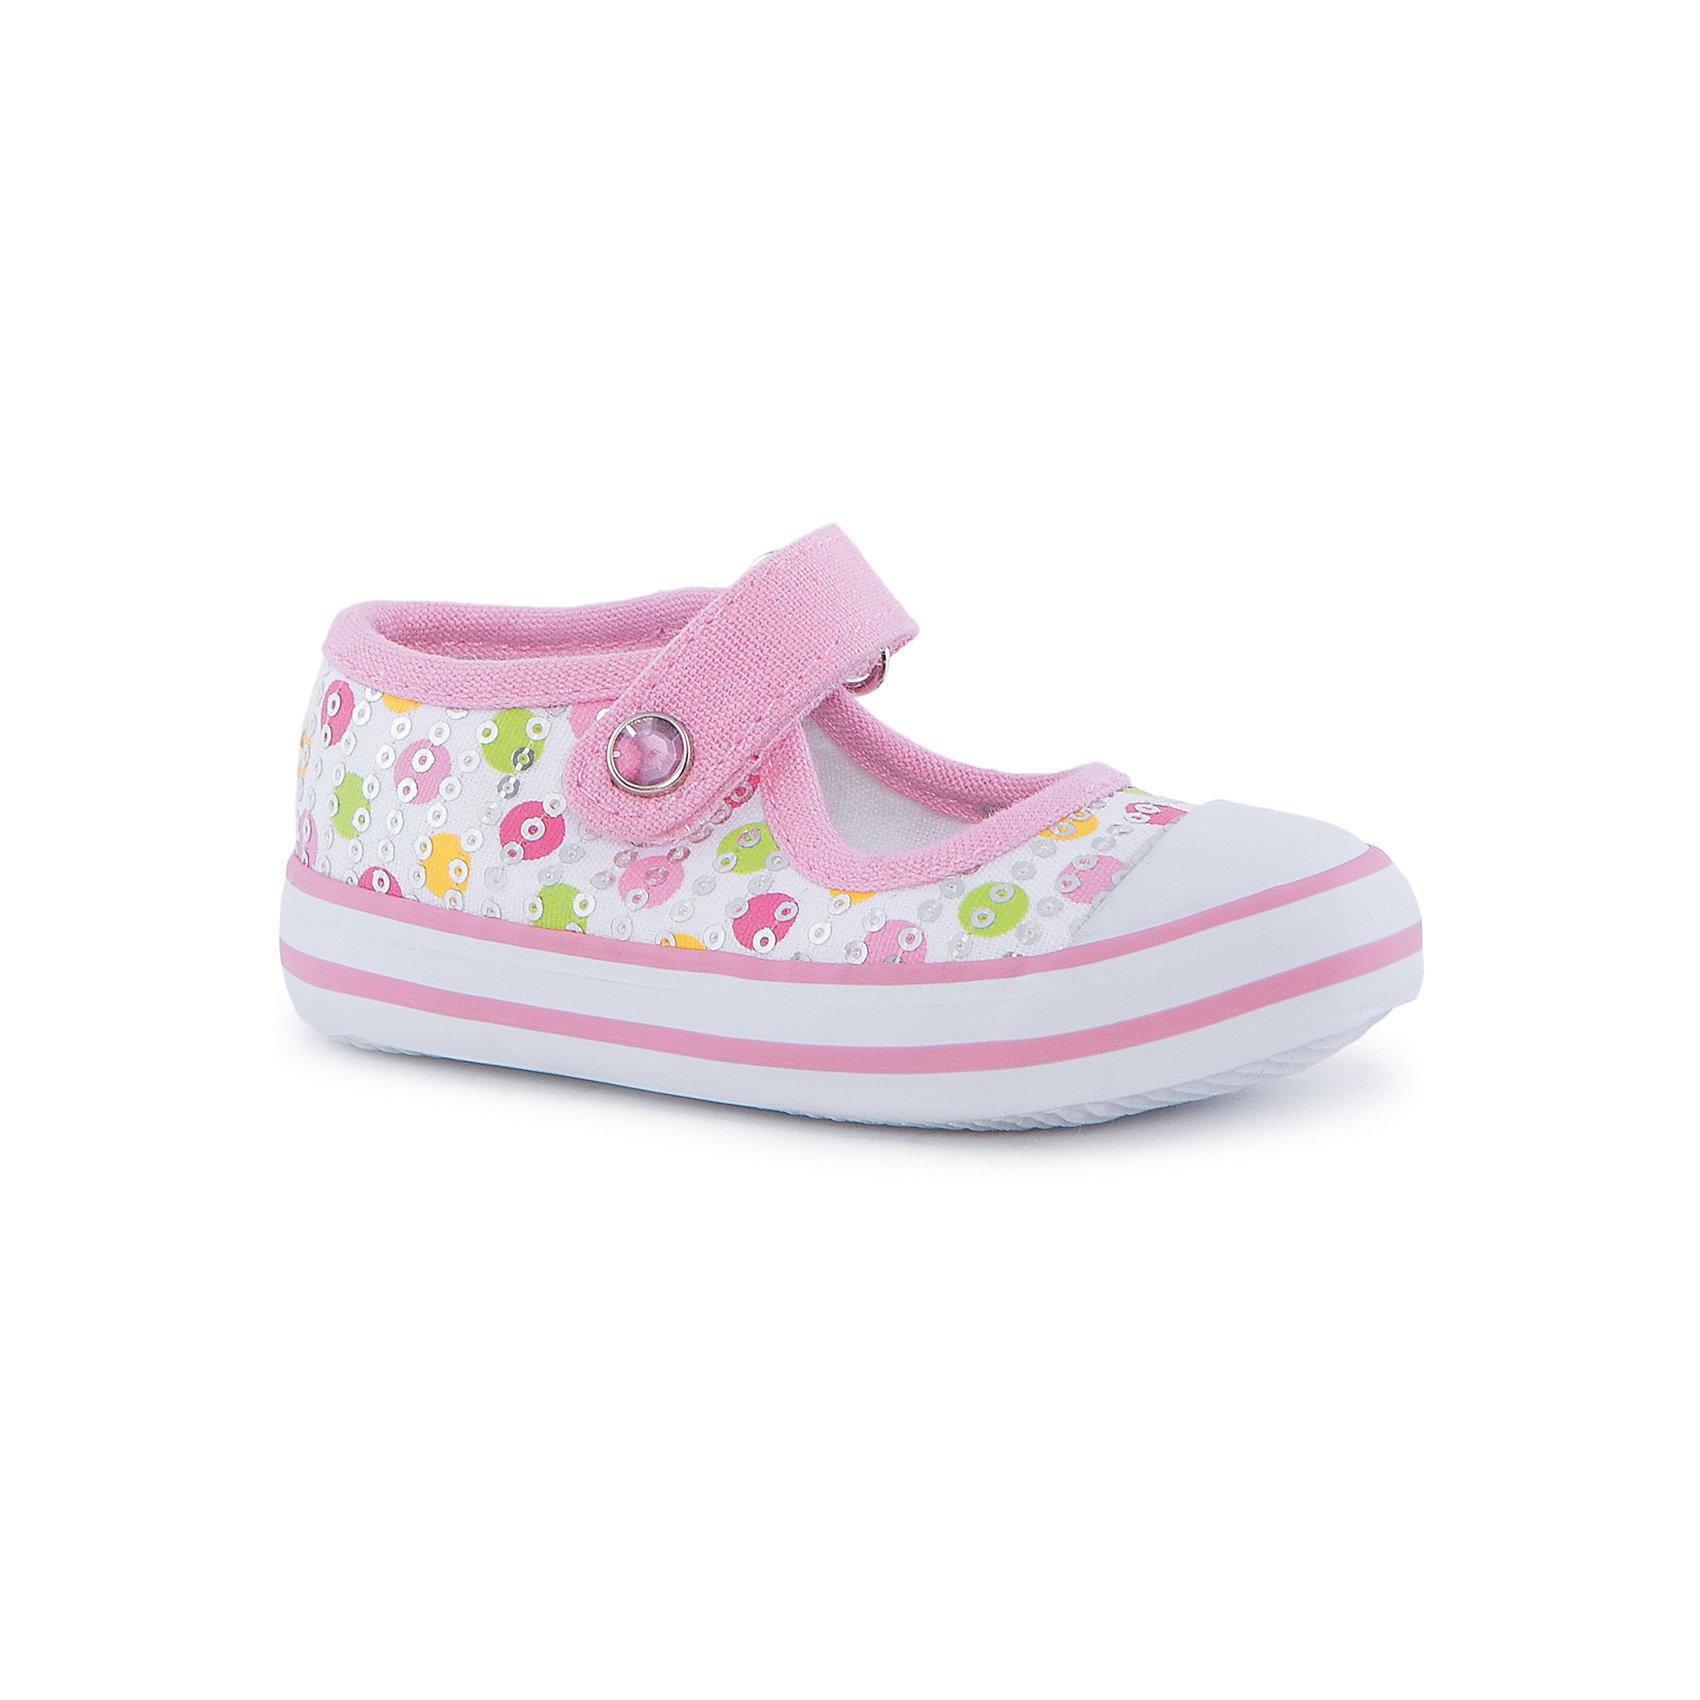 Туфли  для девочки PlayToday* стильные и комфортные туфли для девочки - превосходно подходят для ежедневных прогулок<br>* полуботинки выполнены из хлопковой ткани, которая легко поддается чистке <br>* удобная пятка укреплена жестким задником<br>* высокая гибкая подошва с рифлением обеспечивает оптимальный комфорт<br>* модель застегивается на липучку (ремешок с велькро); украшена фурнитурой<br>* наполненная носочная часть для правильного формирования стопы <br>* мысок-амартизатор - оформлен вставкой из резины, которая сокращает последствия от удара при активных играх<br>* декорированы пайетками<br><br>Состав:<br>верх - 100% хлопок, подкладка - 100% хлопок, подошва - резина<br><br>Туфли  для девочки PlayToday (Плэйтудей) можно купить в нашем магазине.<br><br>Ширина мм: 227<br>Глубина мм: 145<br>Высота мм: 124<br>Вес г: 325<br>Цвет: разноцветный<br>Возраст от месяцев: 9<br>Возраст до месяцев: 12<br>Пол: Женский<br>Возраст: Детский<br>Размер: 20,23,21,19,22,24<br>SKU: 3547212